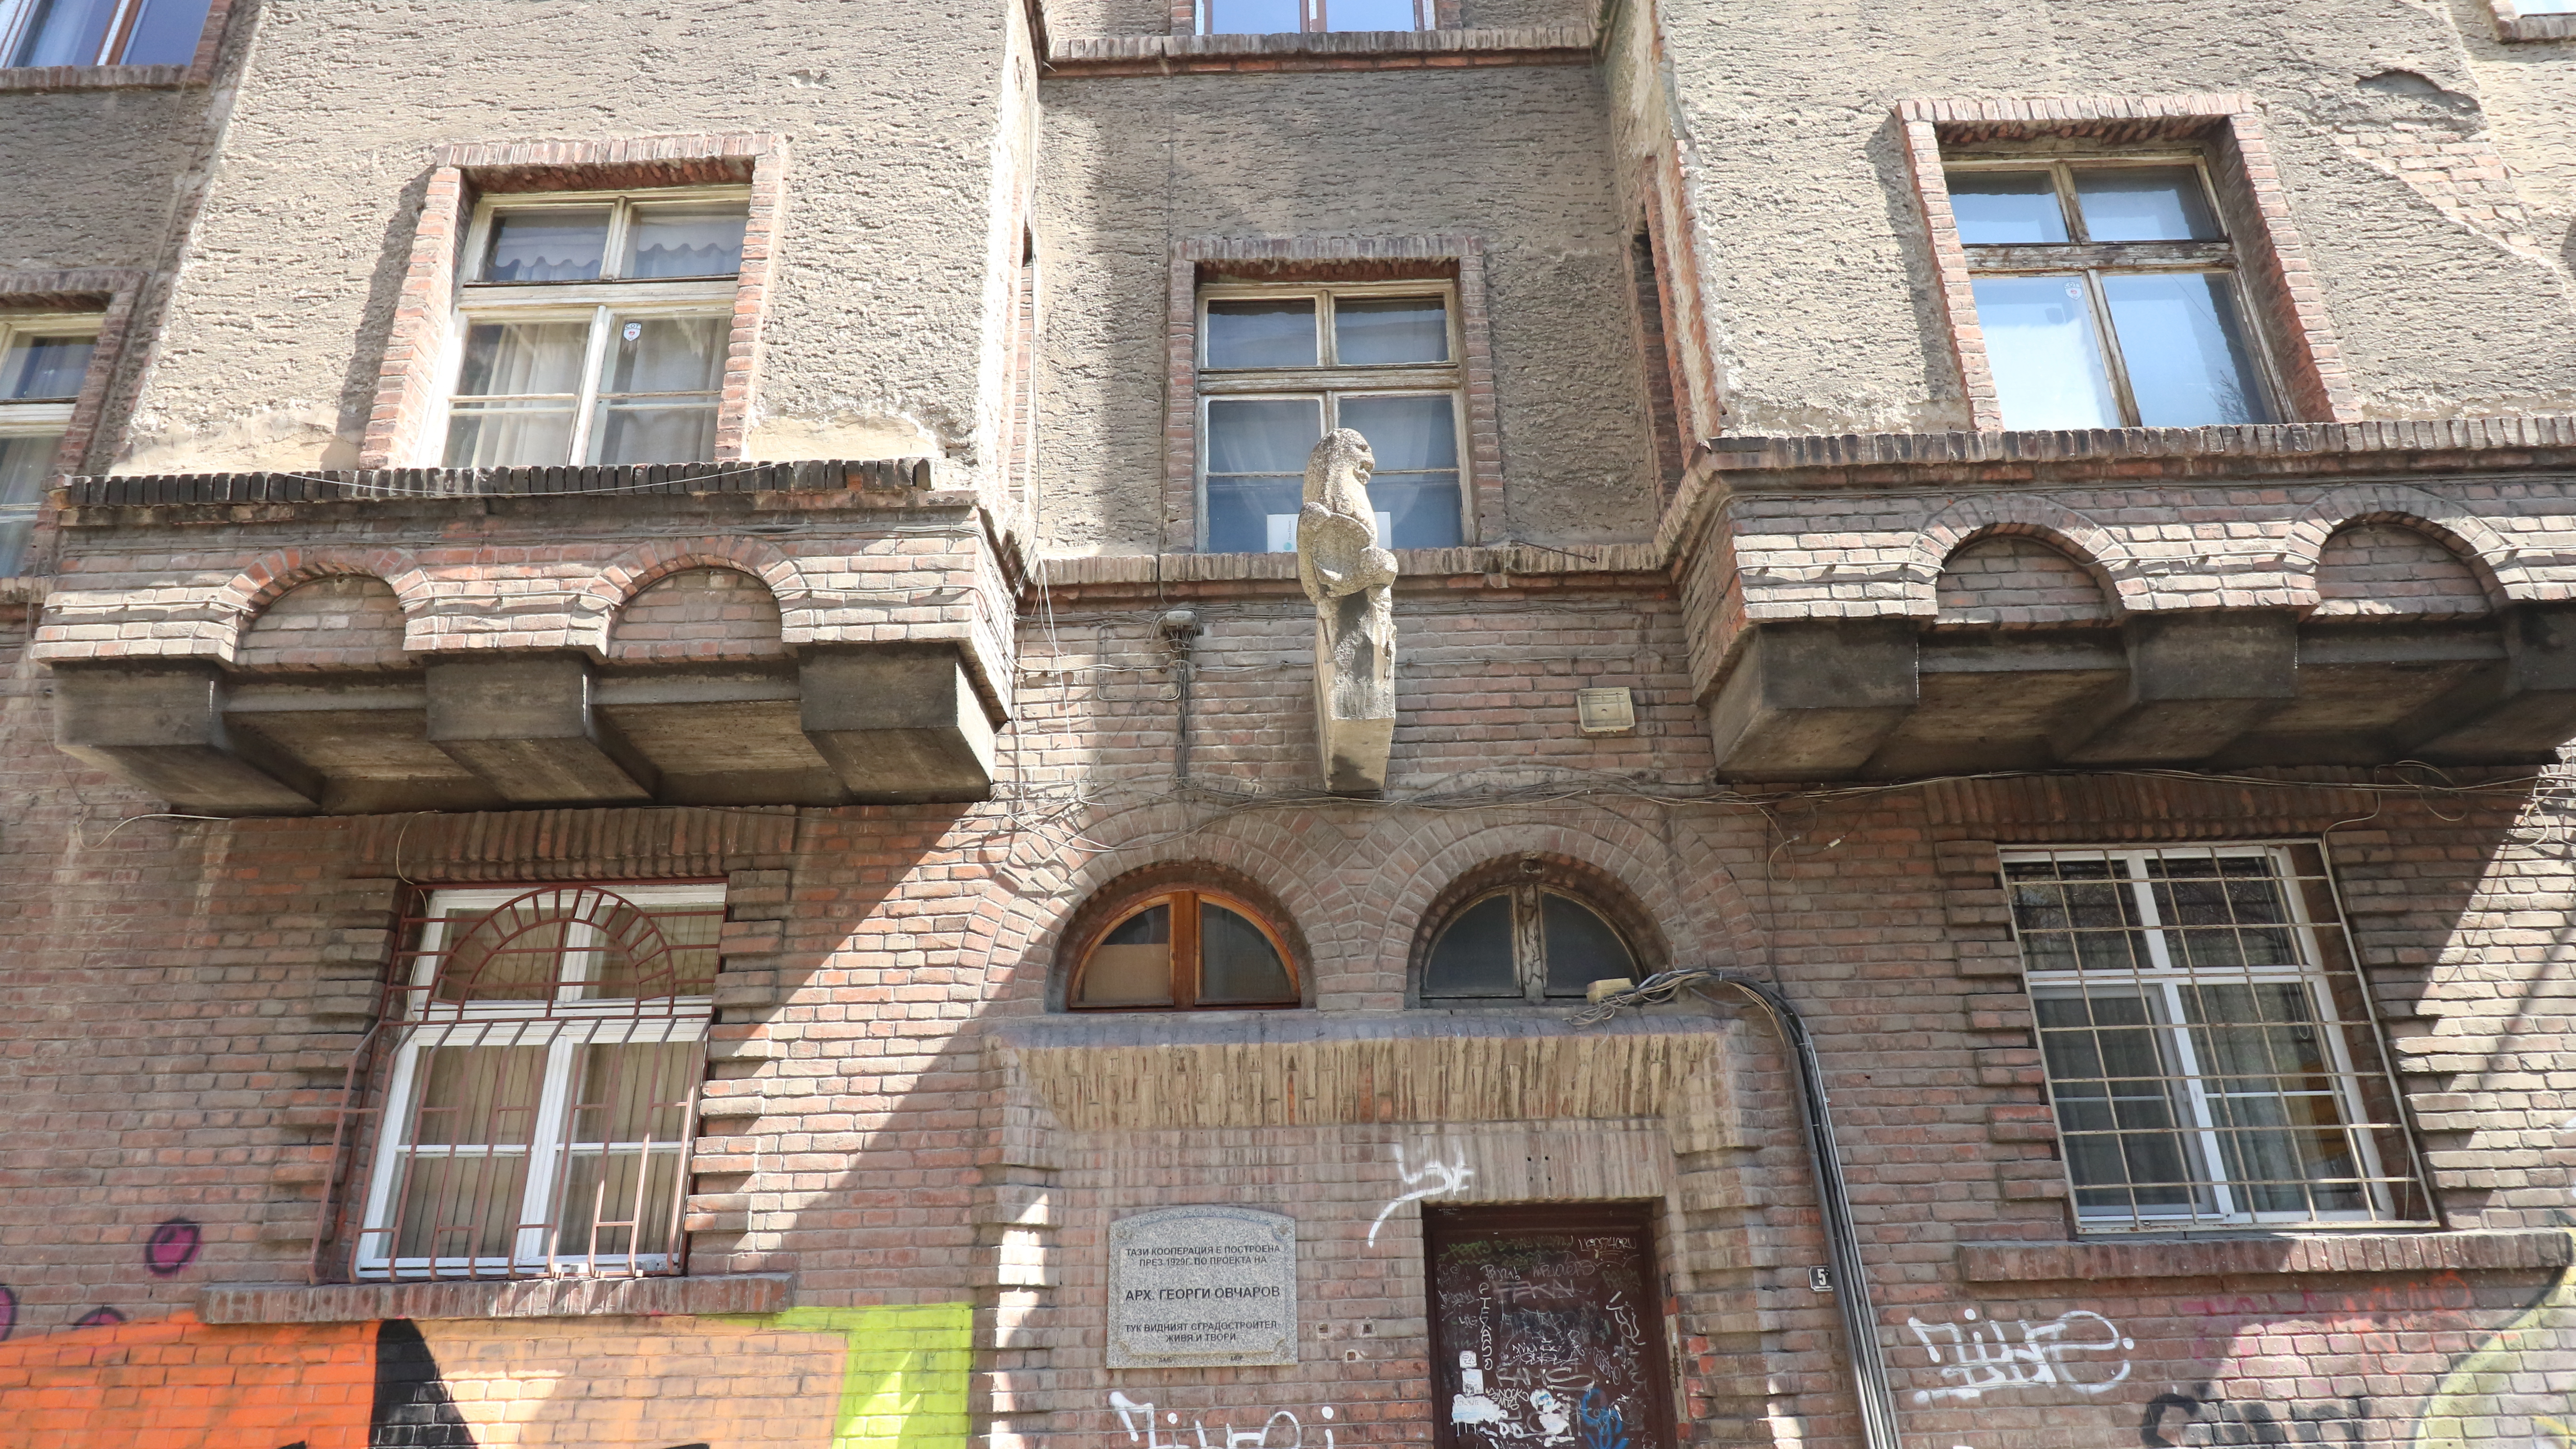 """Кооперацията на ъгъла на улиците """"Славянска"""" и """"Шести септември"""" (1929) е построена по проект на арх. Овчаров – в тази кооперация той остава да живее до края на живота си (1953 г.)"""